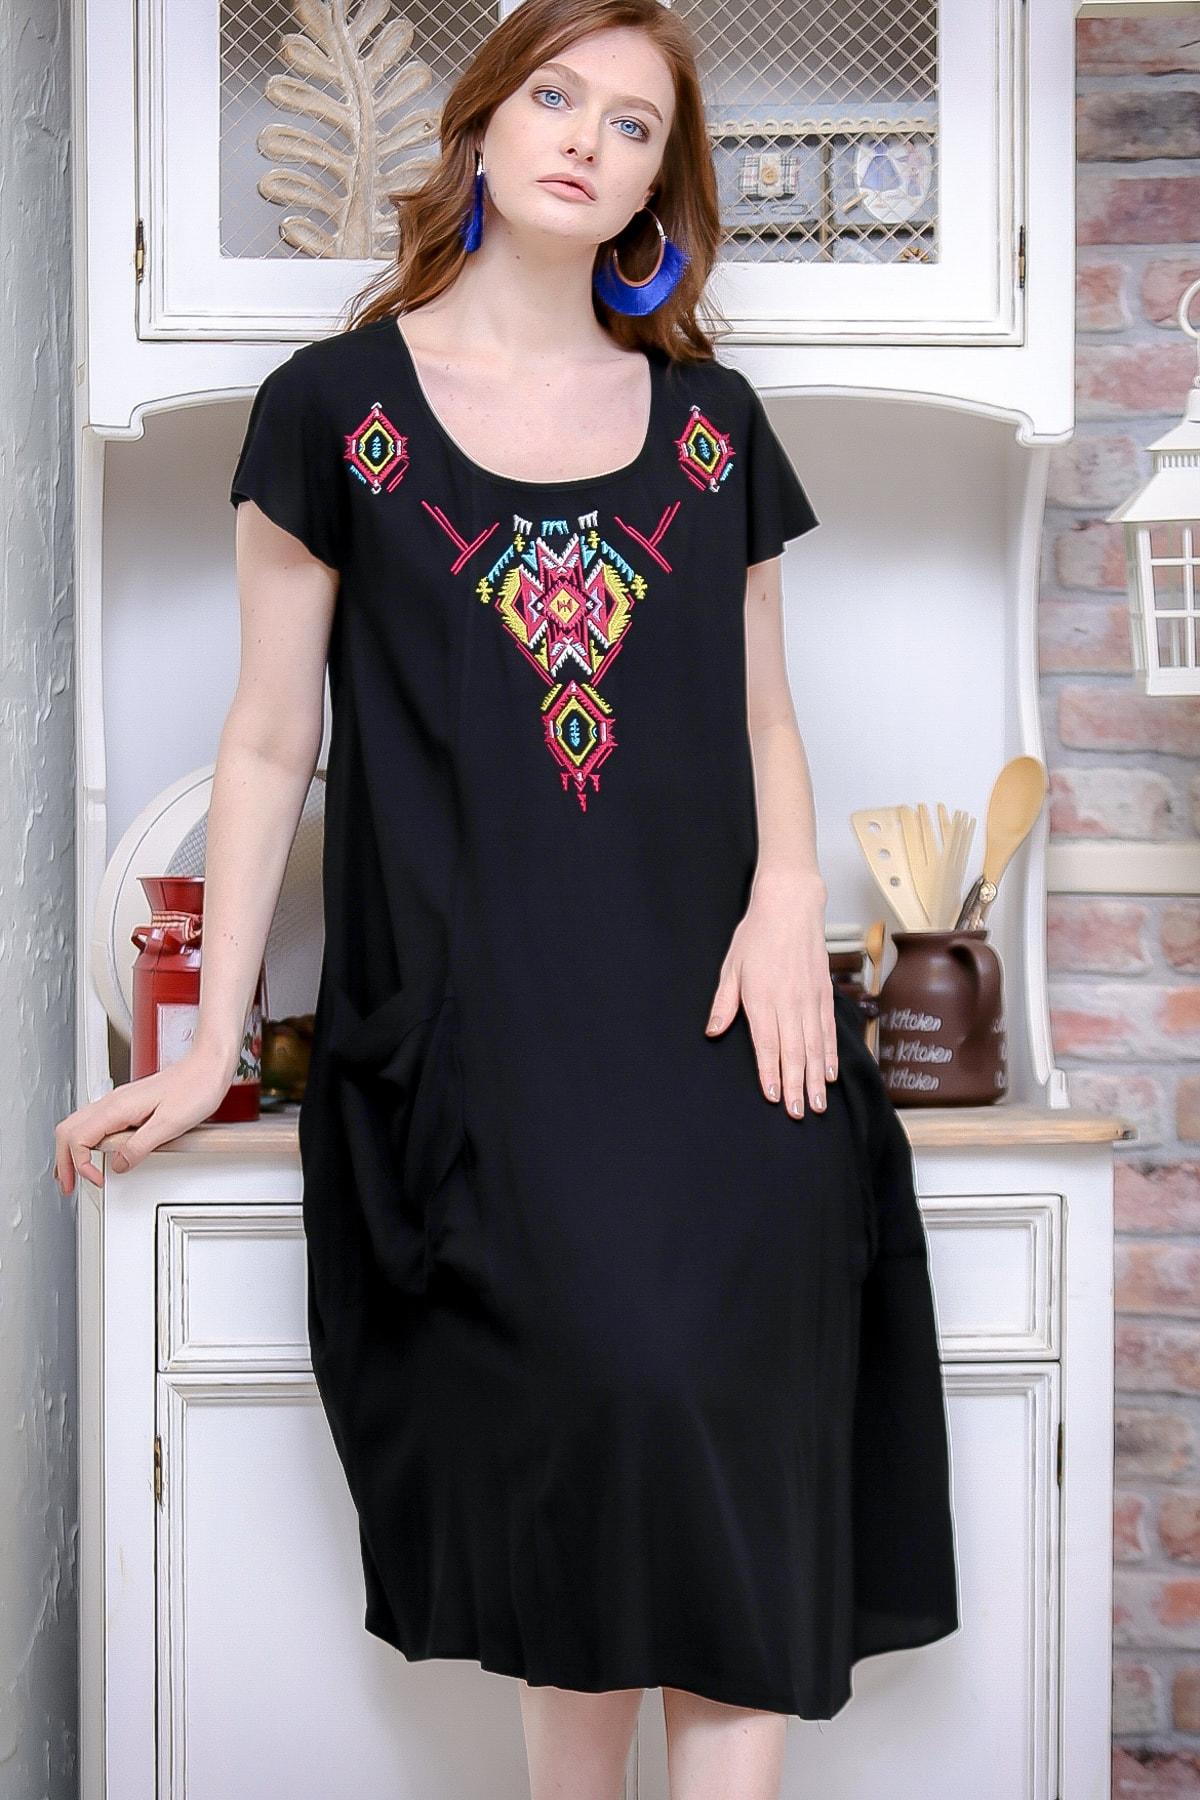 Chiccy Kadın Siyah Bohem Yakası Tribal Nakışlı Dev Cep Detaylı Oversize Dokuma Elbise M10160000EL97139